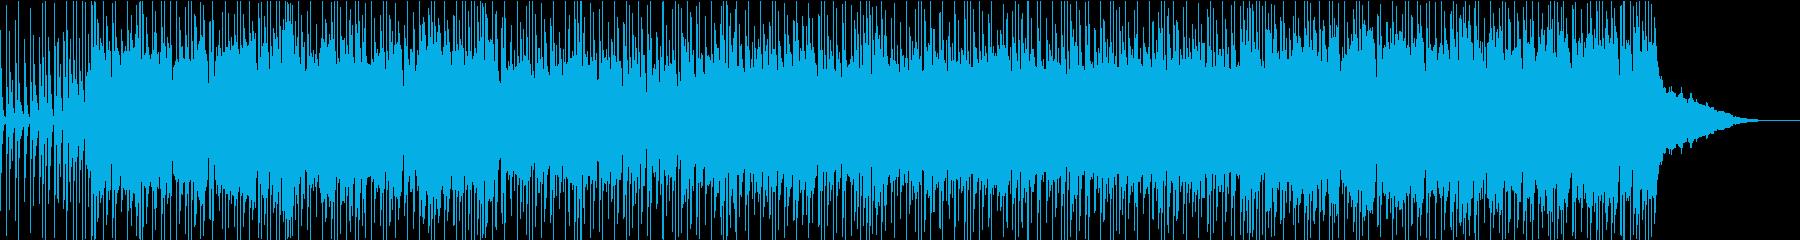 パンク 燃焼 移動 エレキギター ...の再生済みの波形